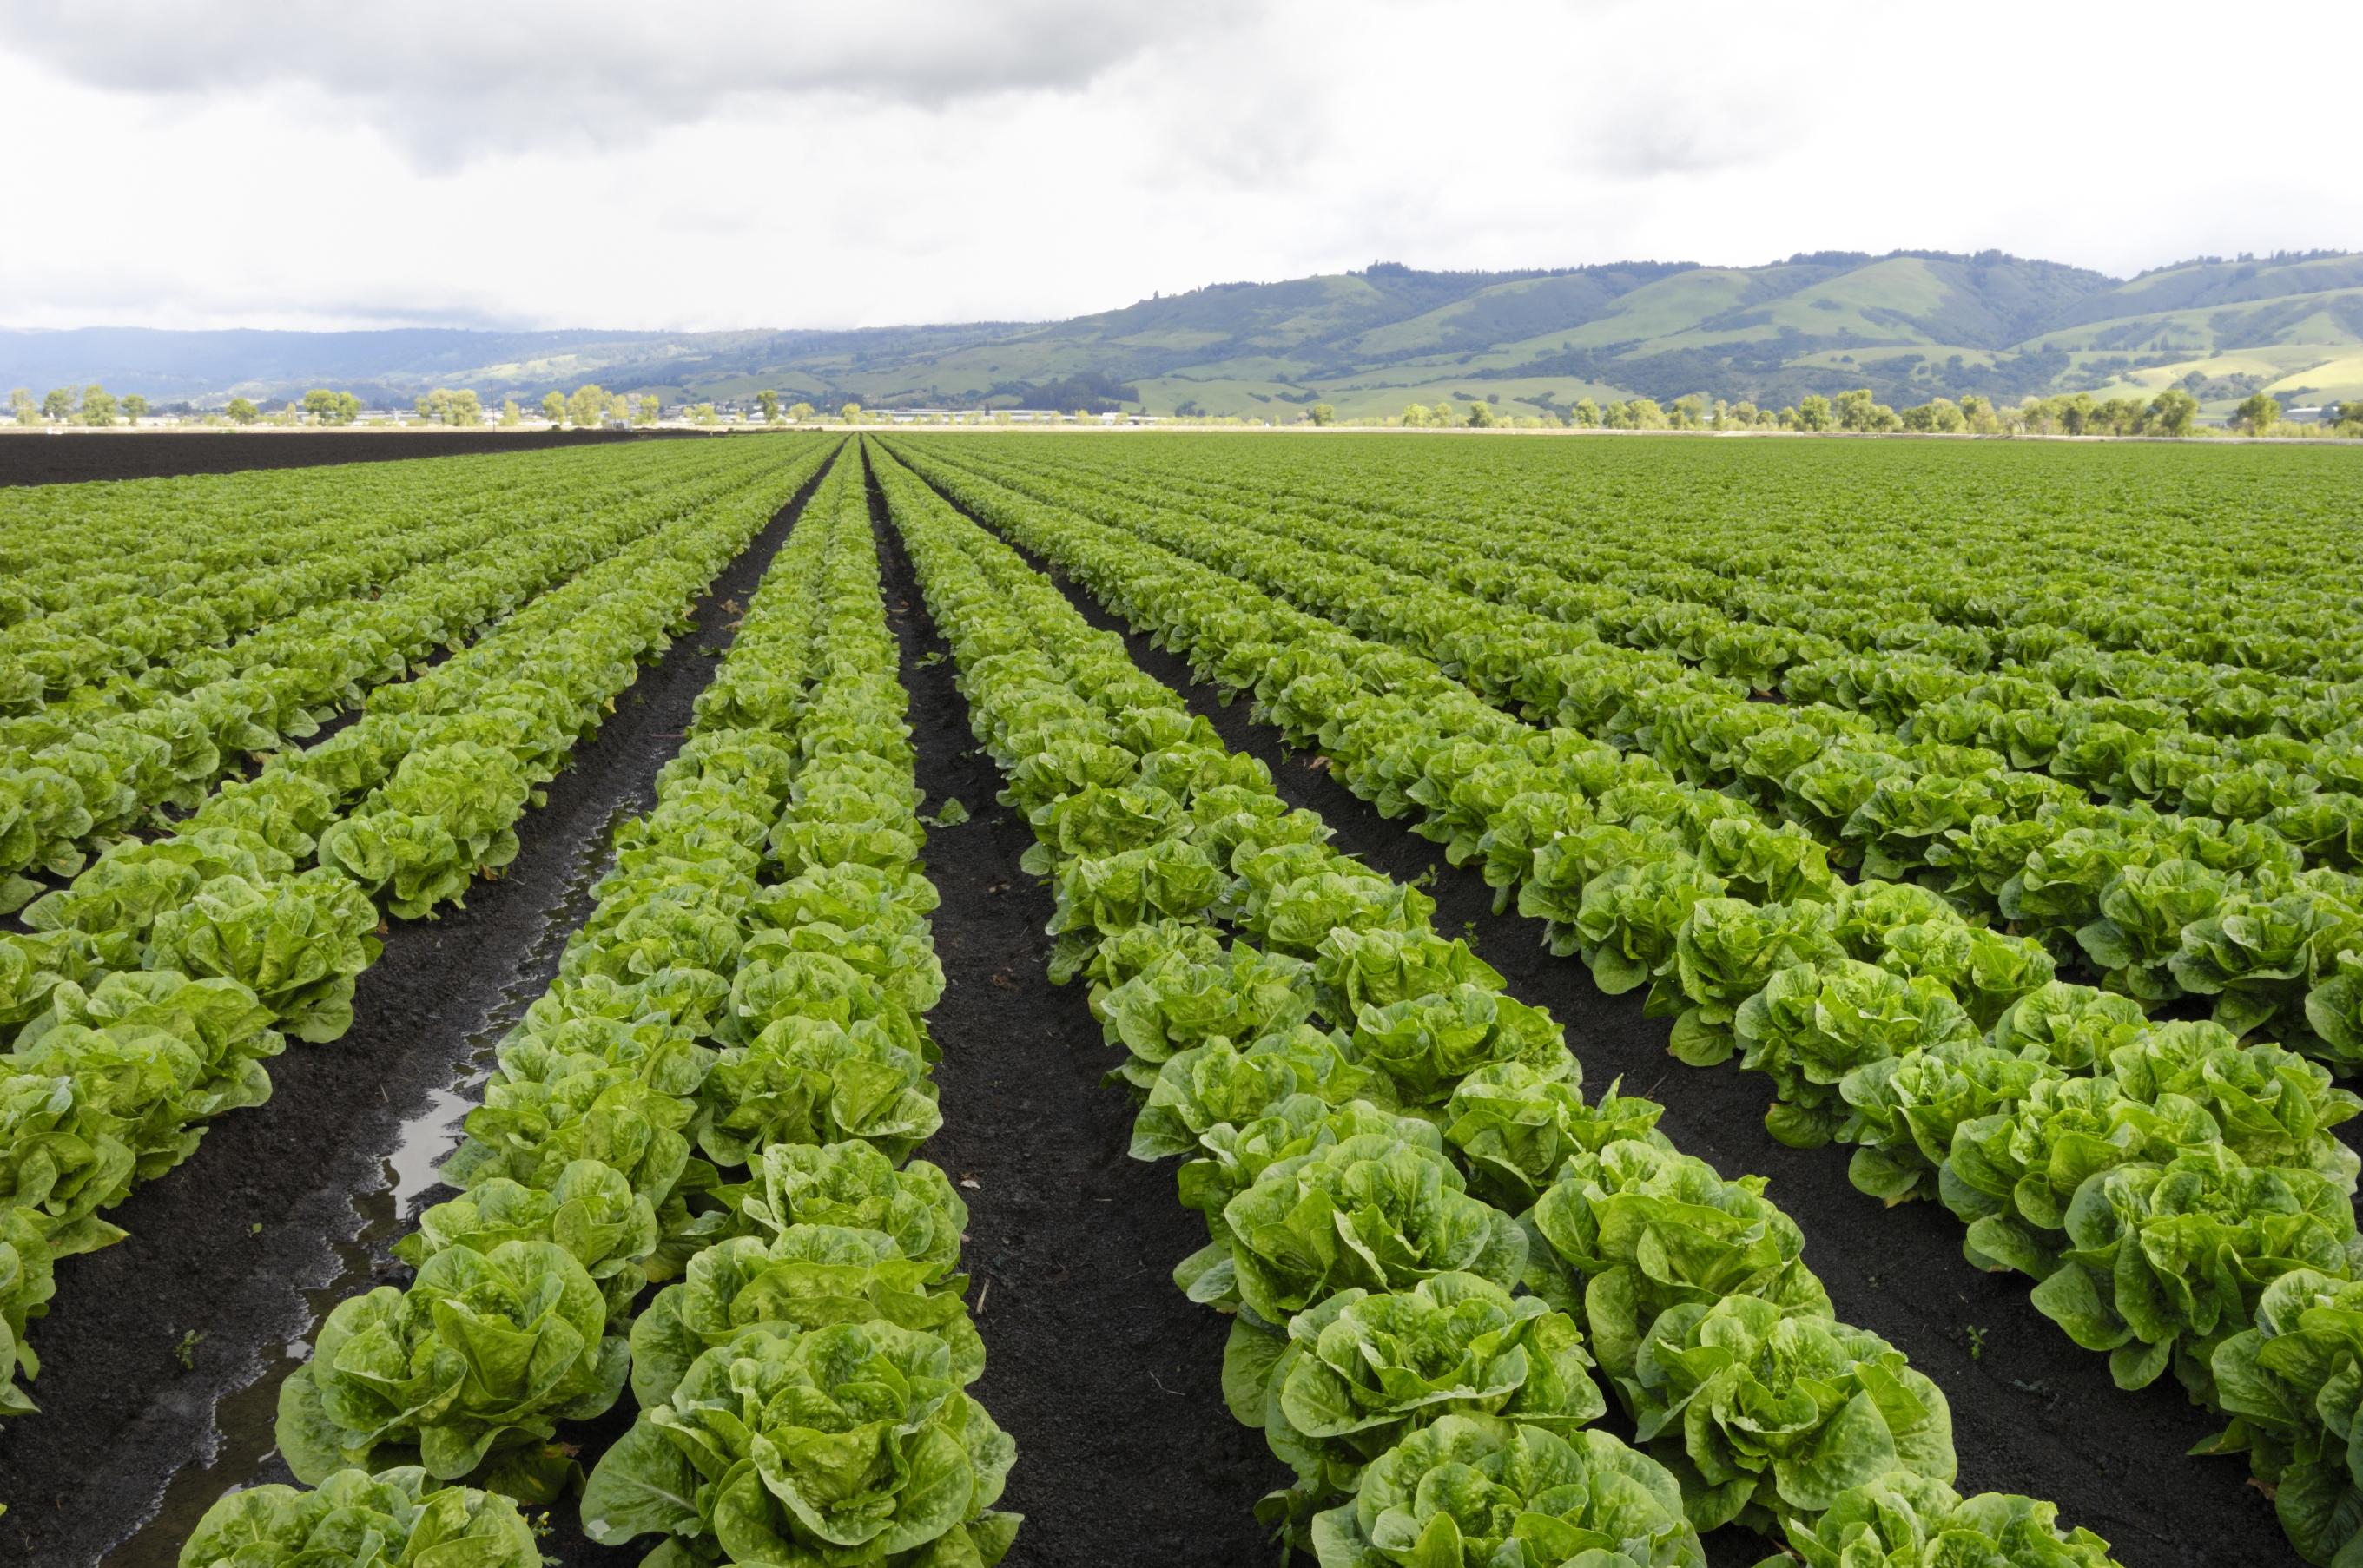 crops8.jpg